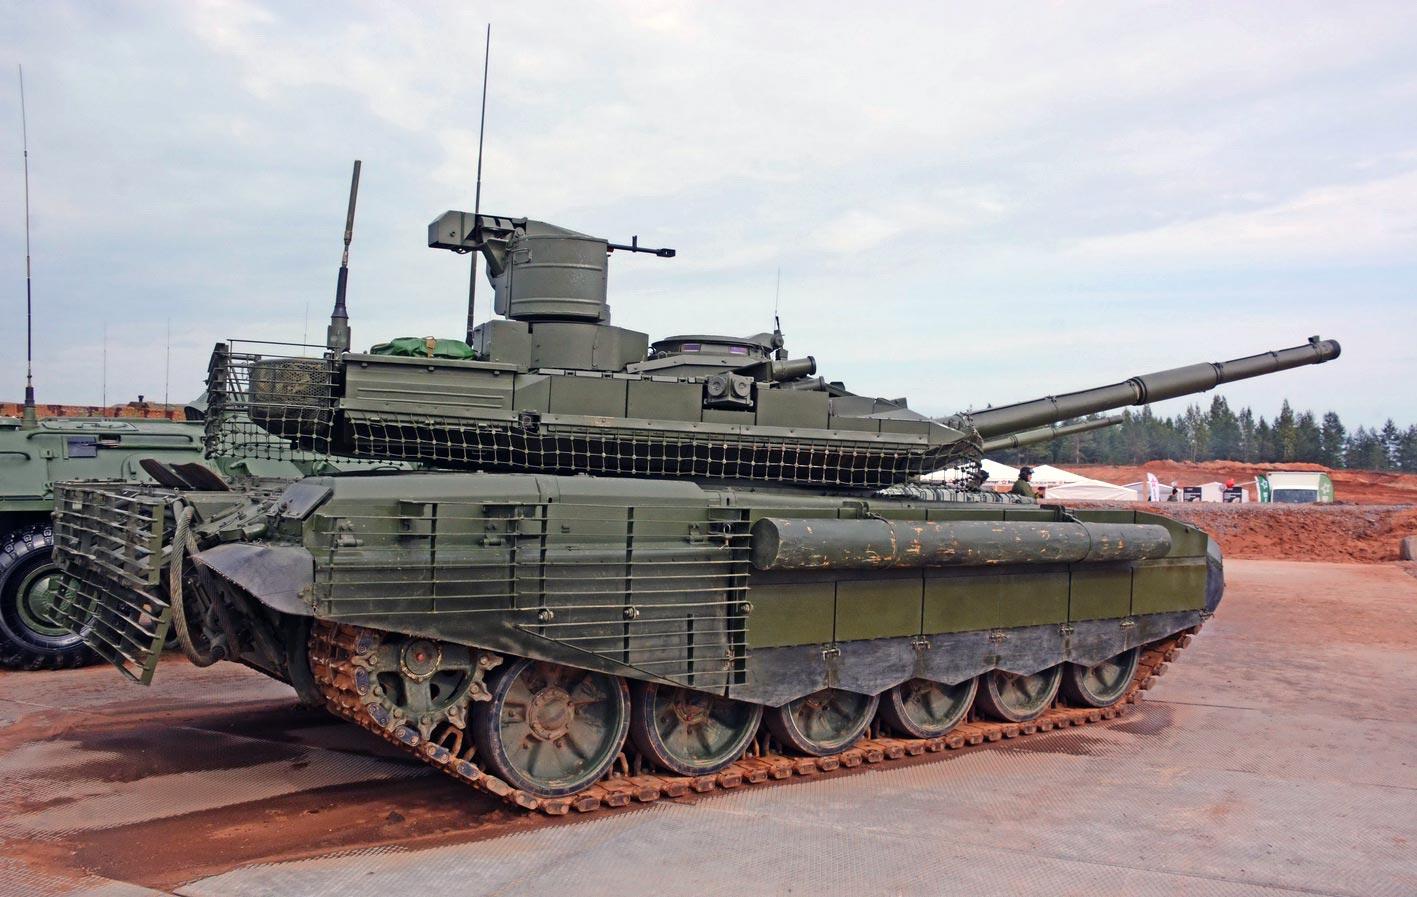 原创 战地之王:俄升级T-90M主战坦克入列8辆,它们堪称完美系列!